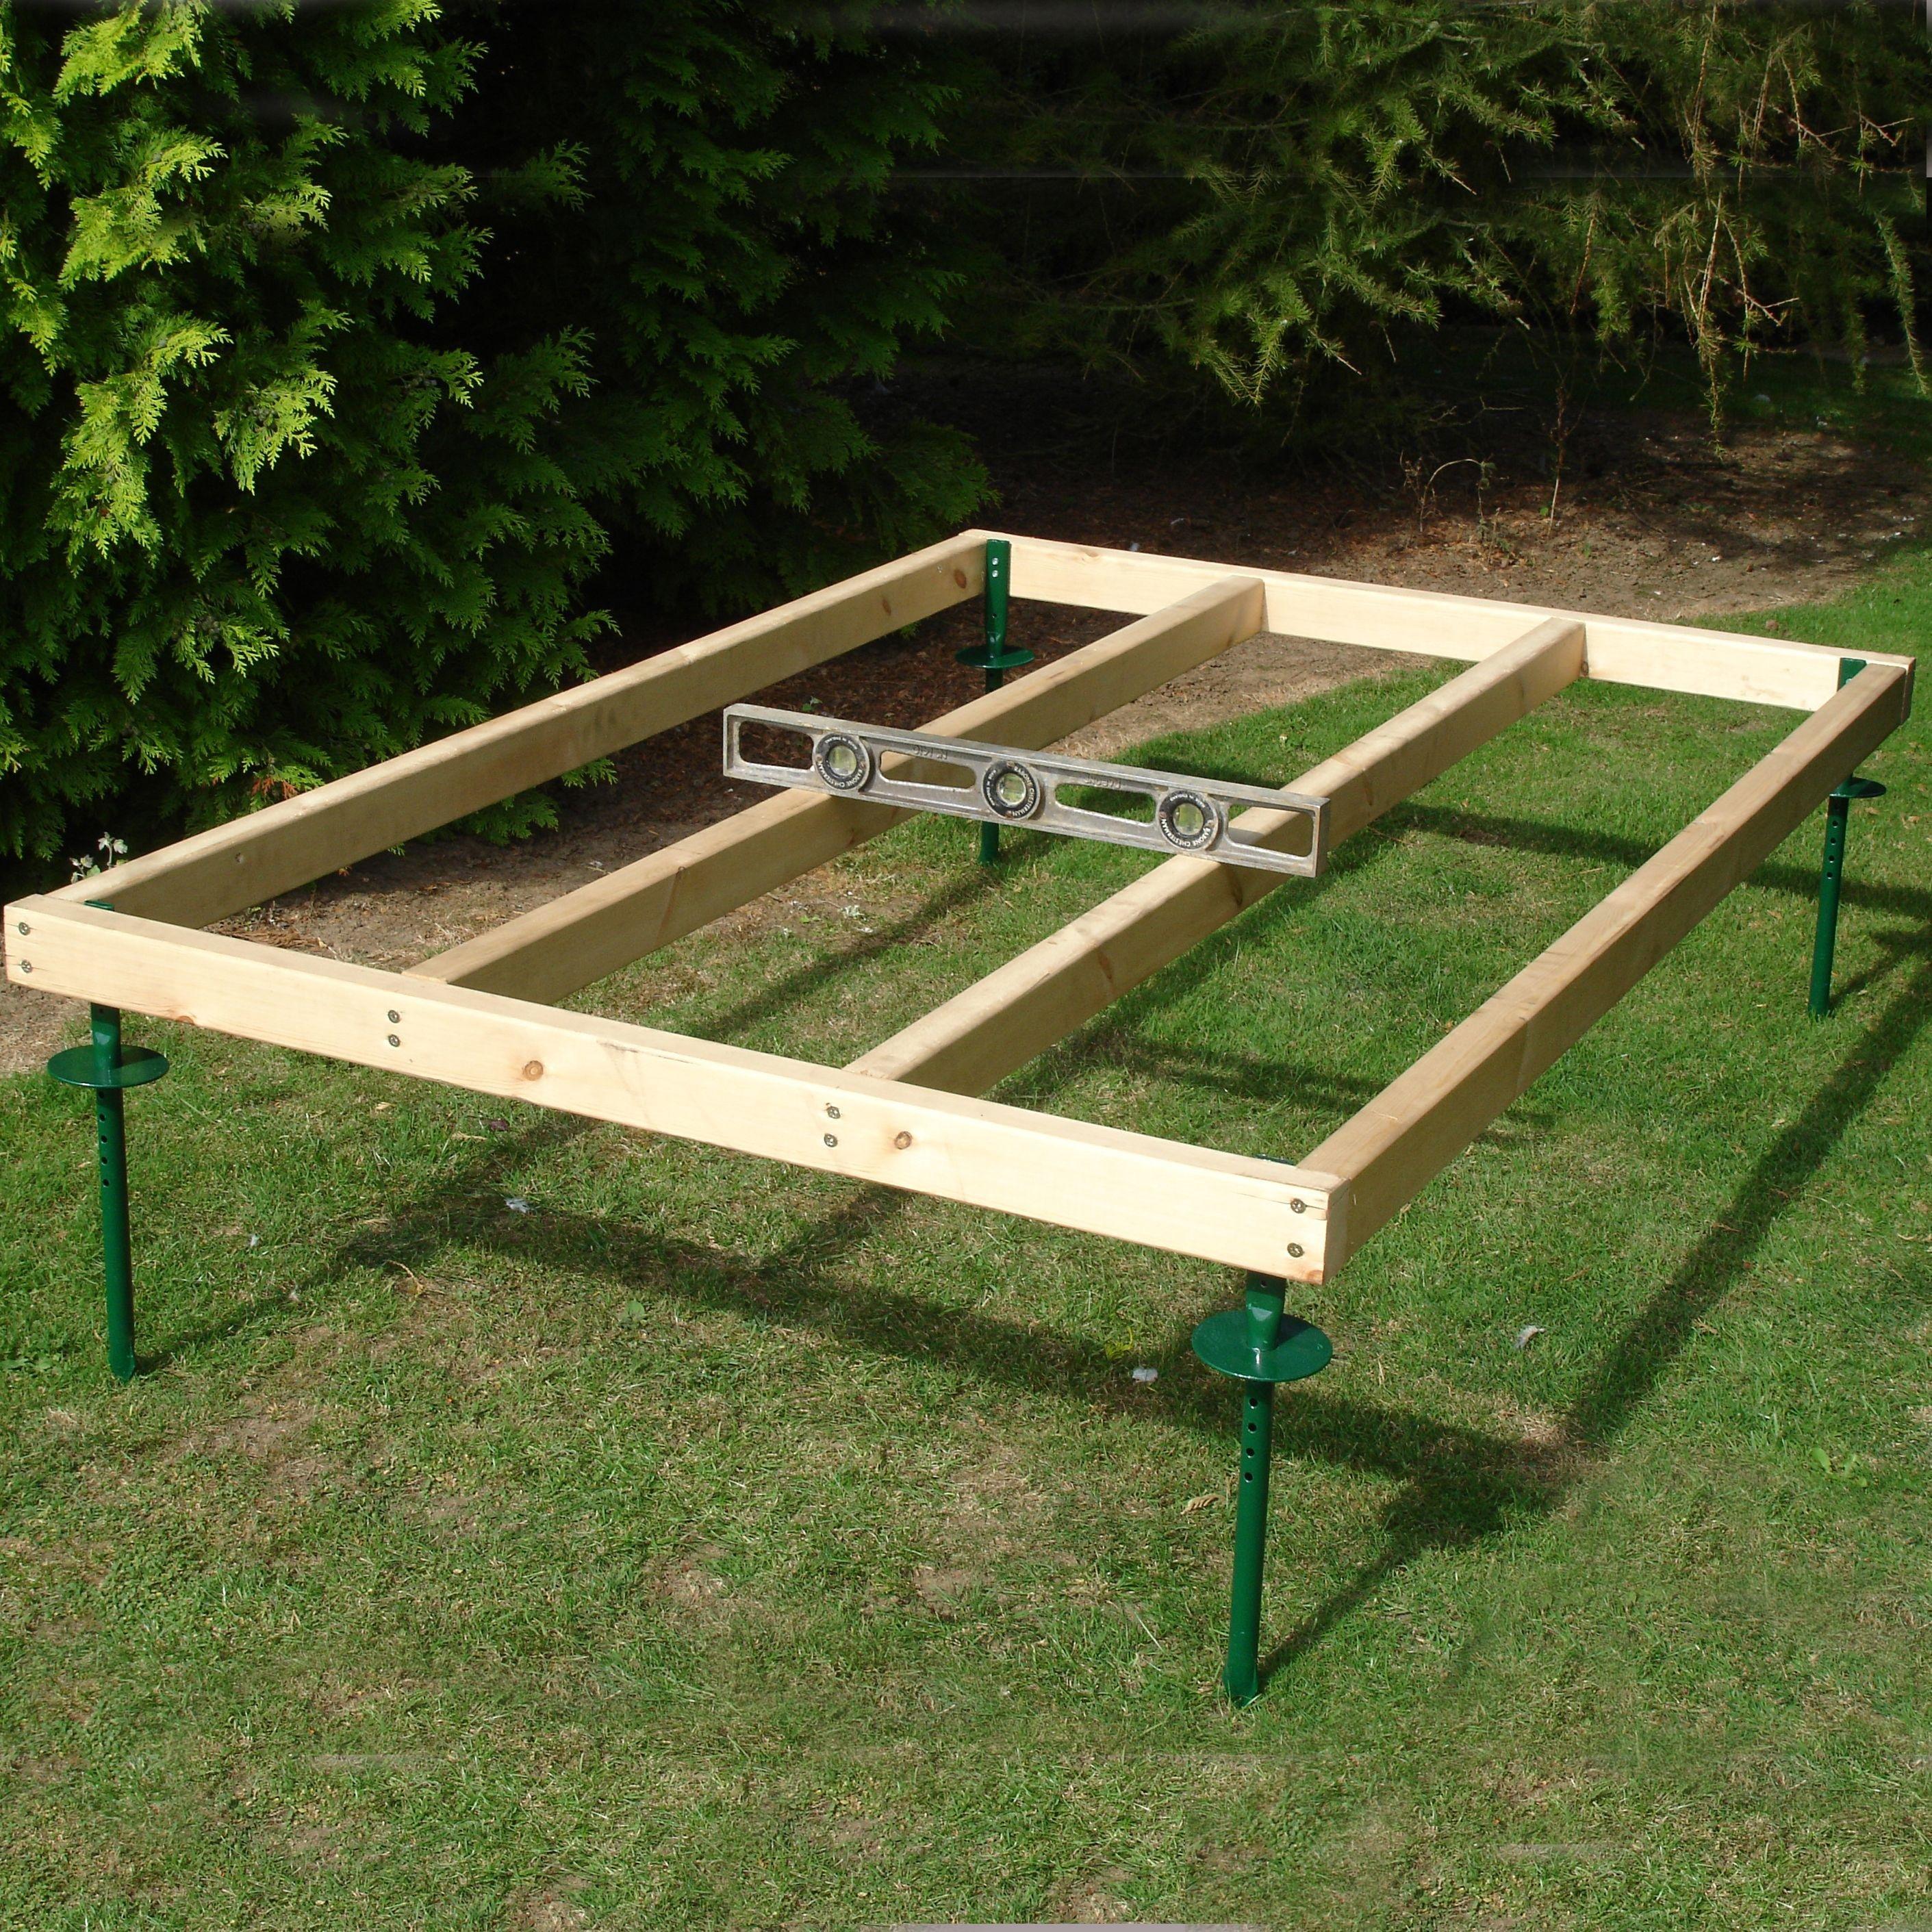 Image of Homewood Adjustable Wooden Shed Base 2790 x 2790mm